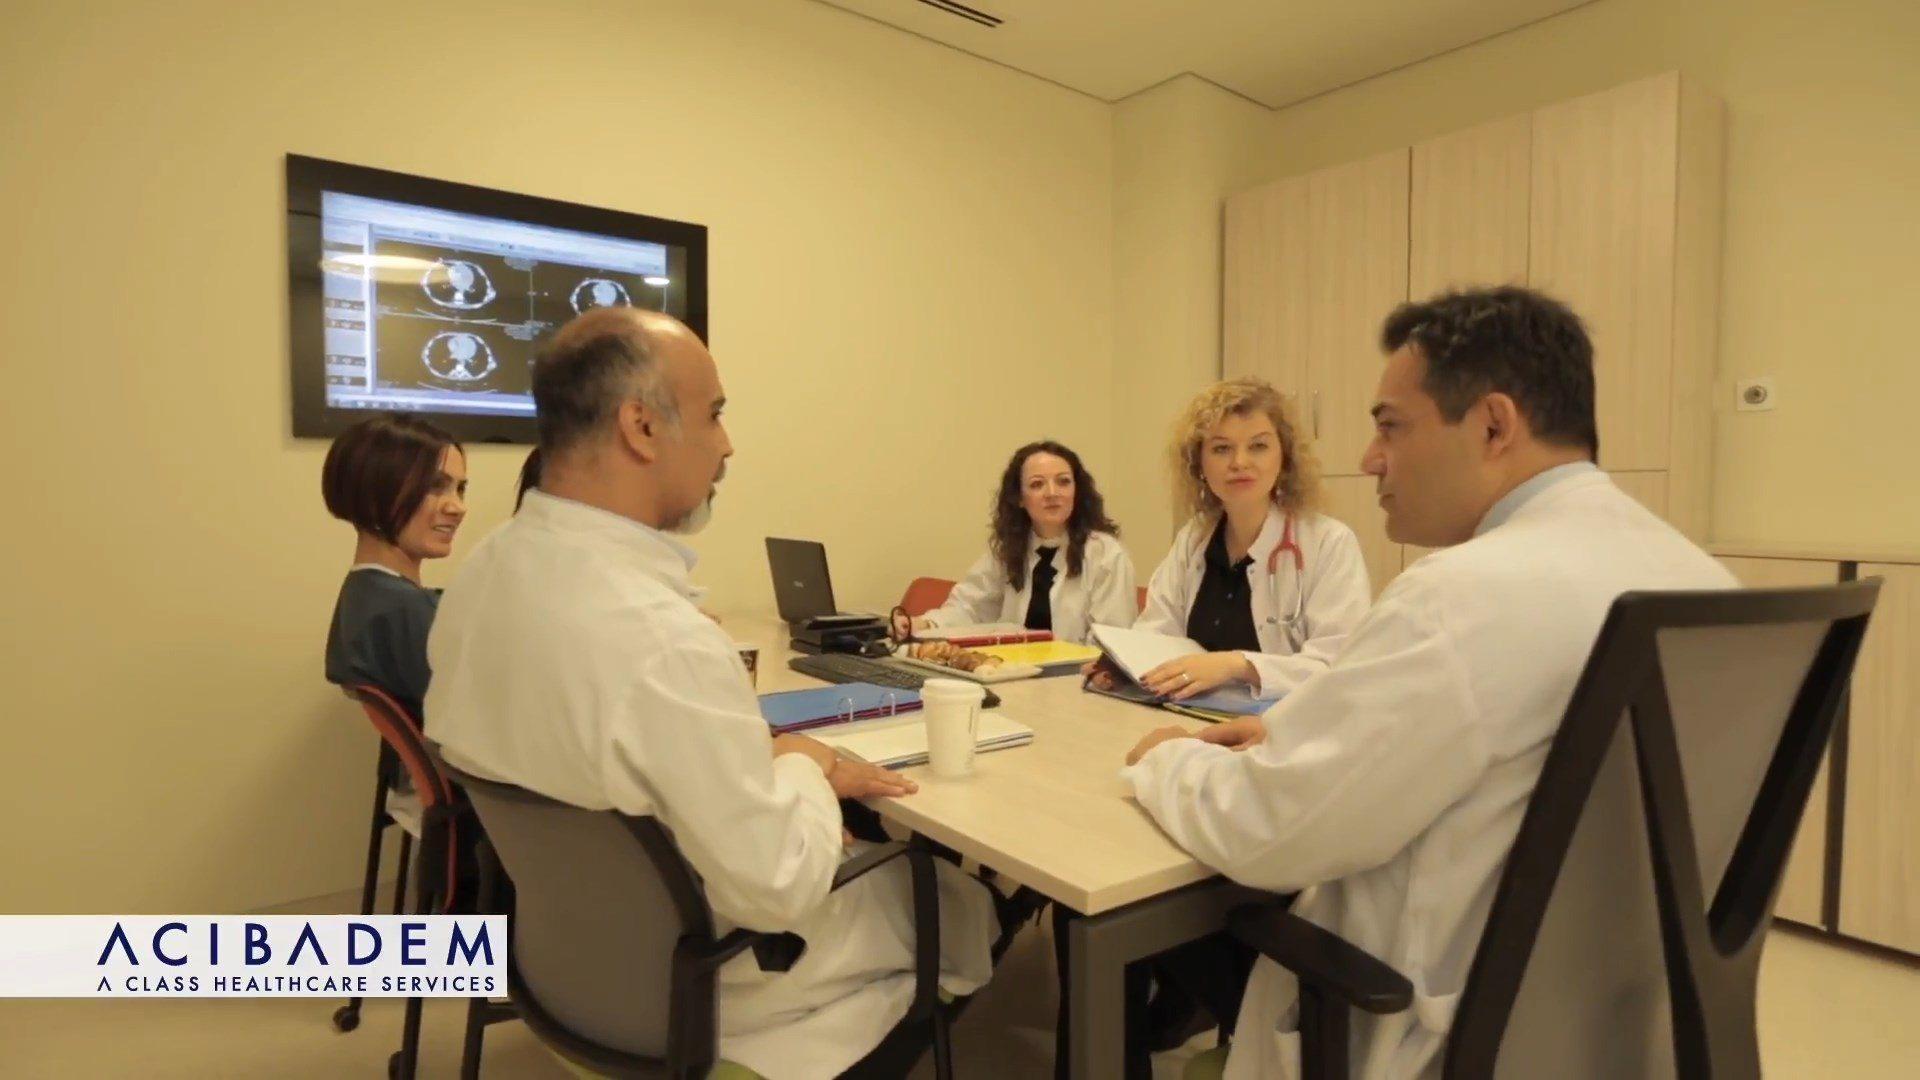 Acıbadem Hastanesi Tanıtım Filmi.mp4 snapshot 06.04 1920x1080 - Acıbadem Hastanesi Tanıtım Filmi